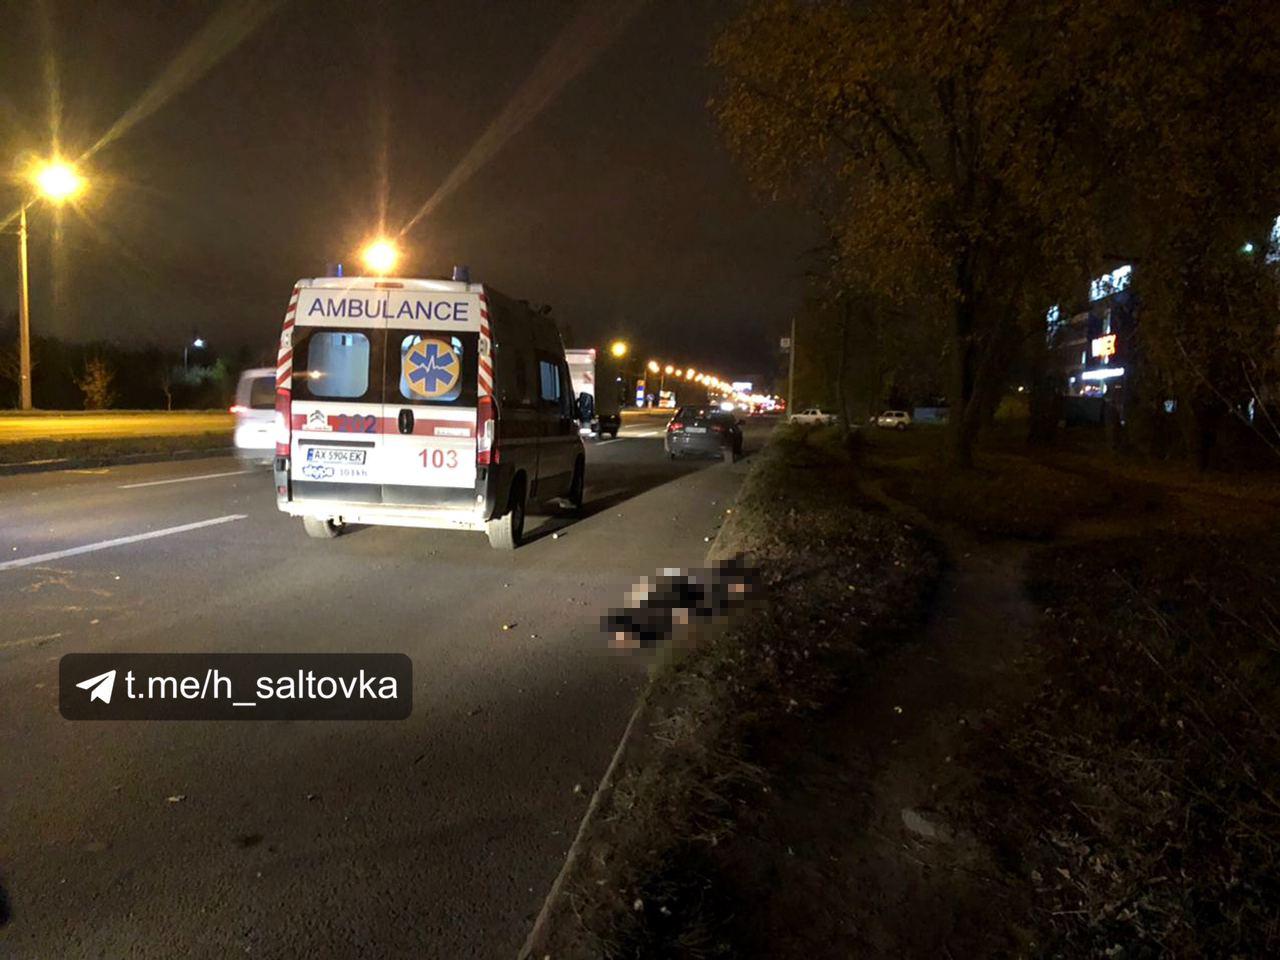 В Харькове внедорожник снес беременную женщину на переходе: видео с места трагедии